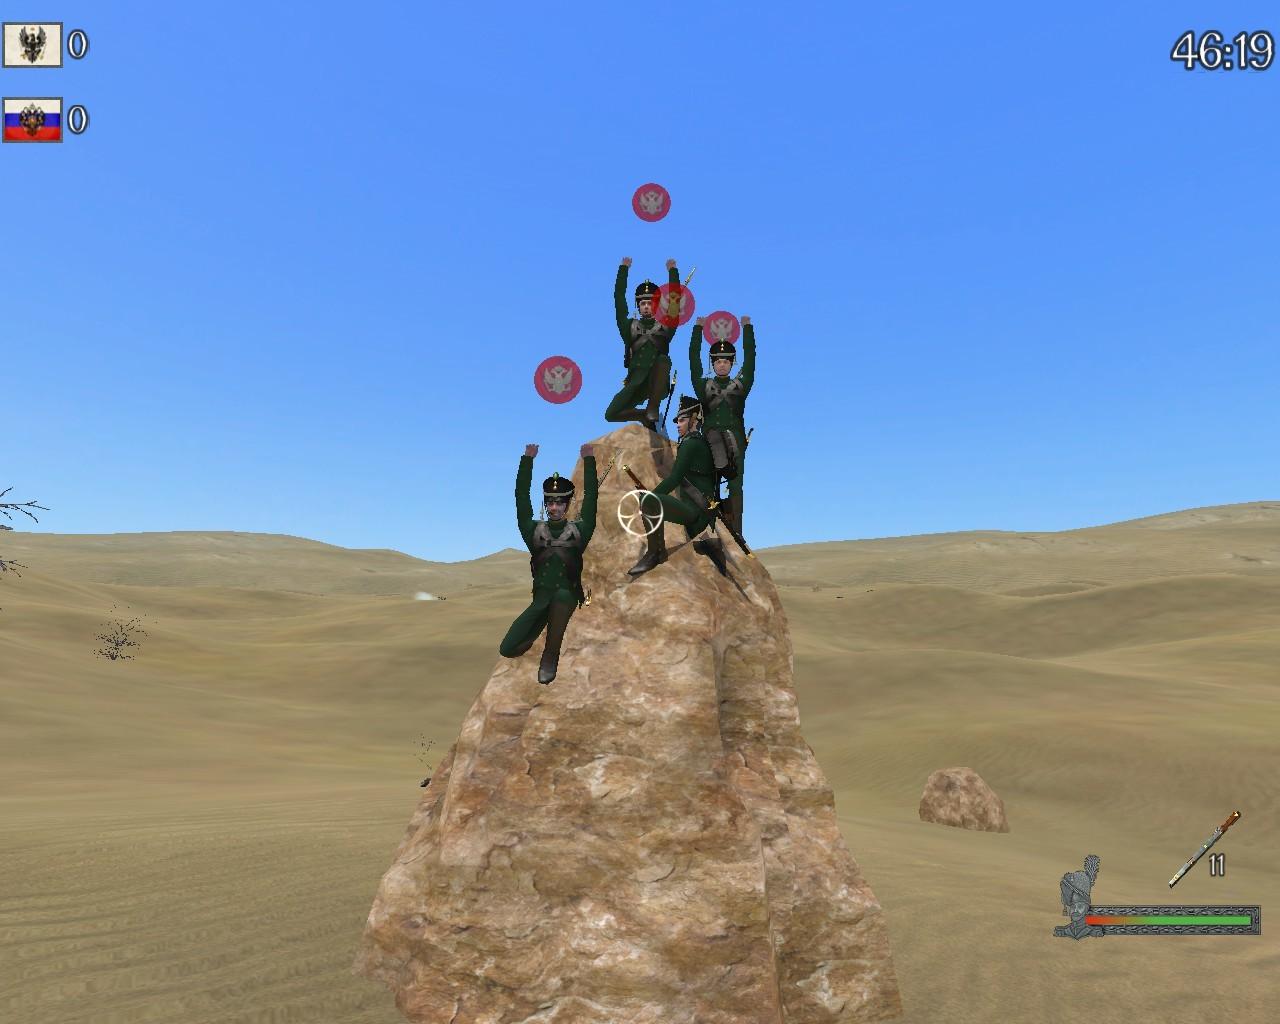 Die Jäger Snipern auf nem Stein :D